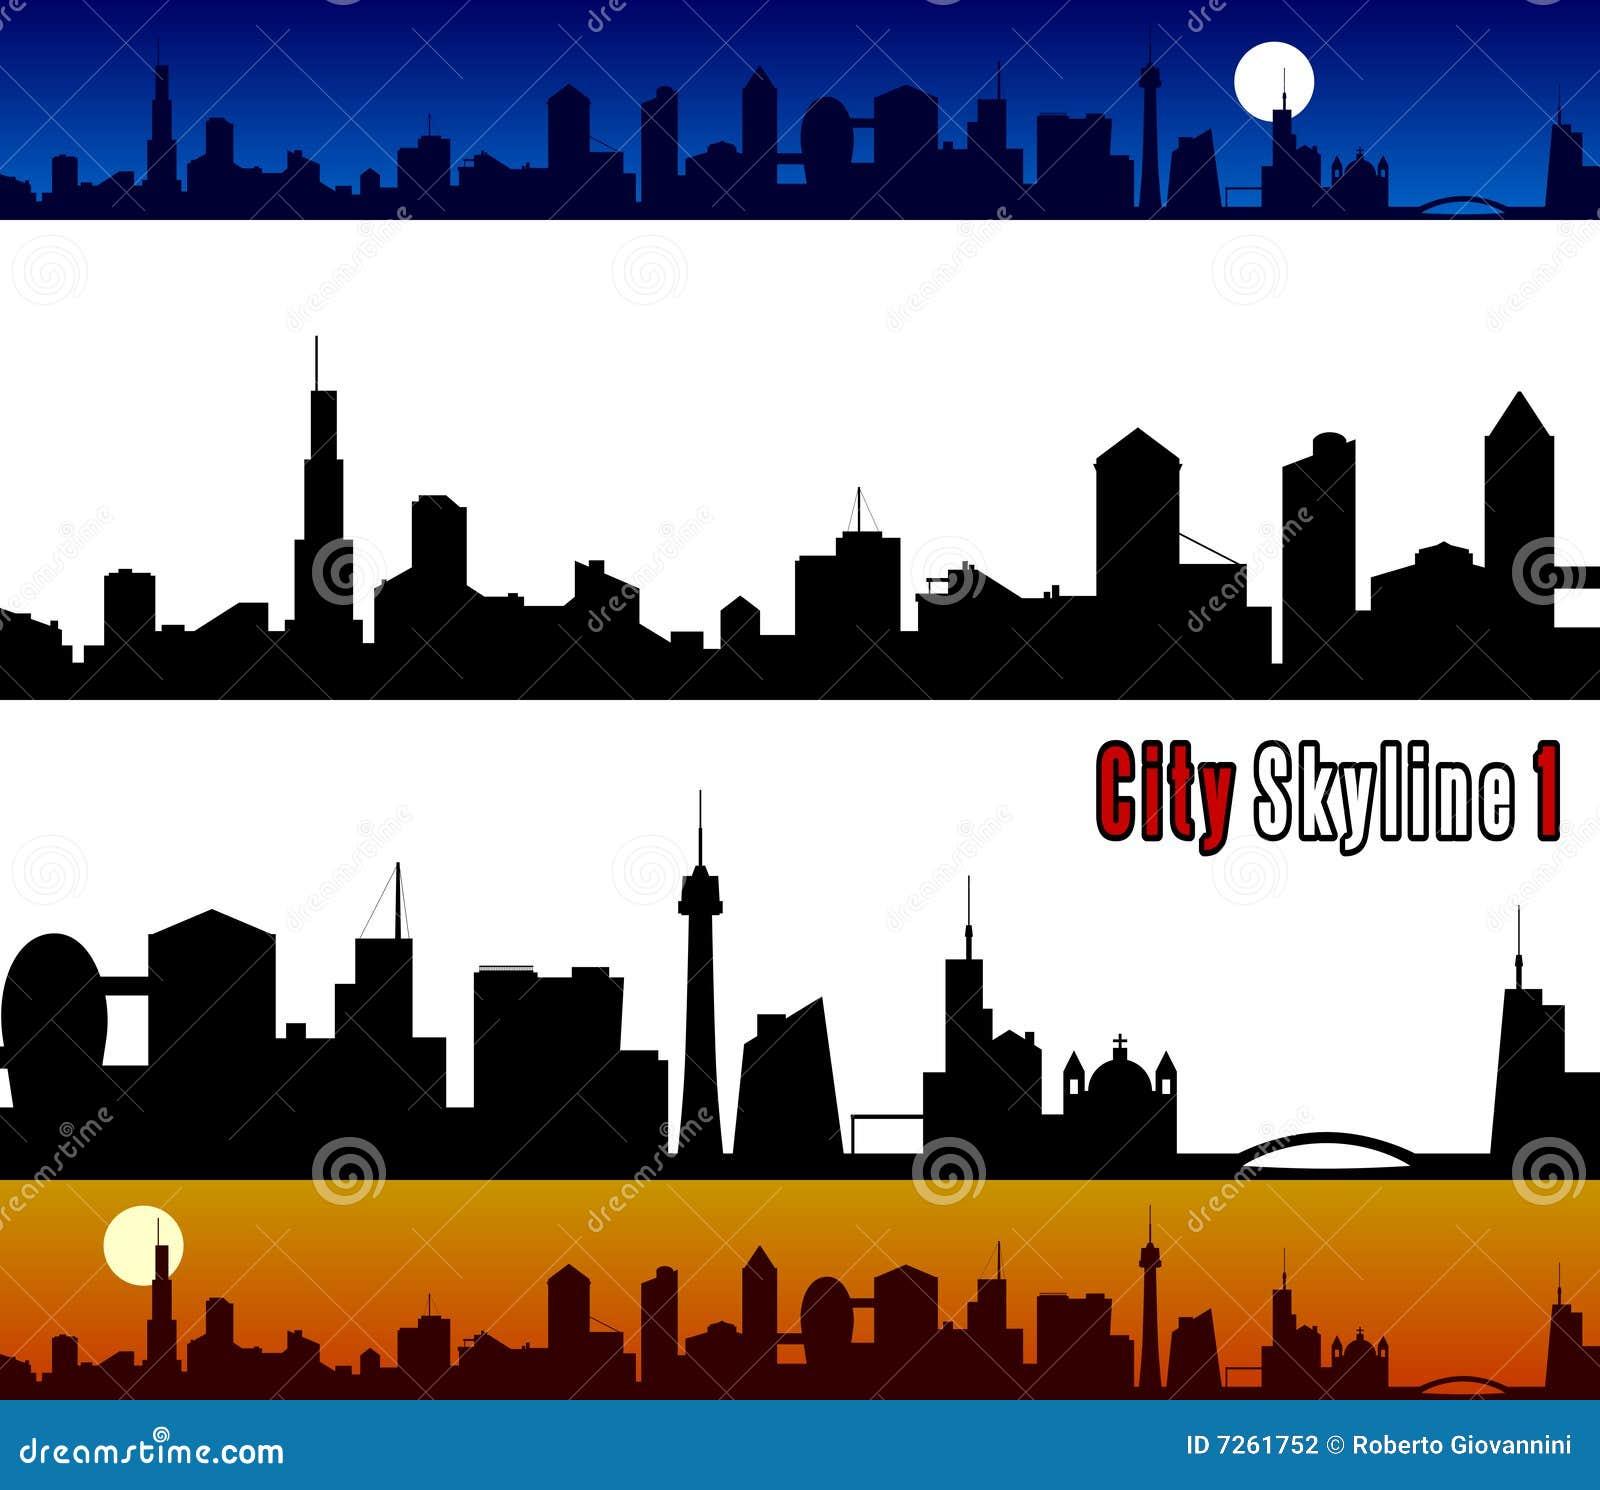 City Skyline [1]